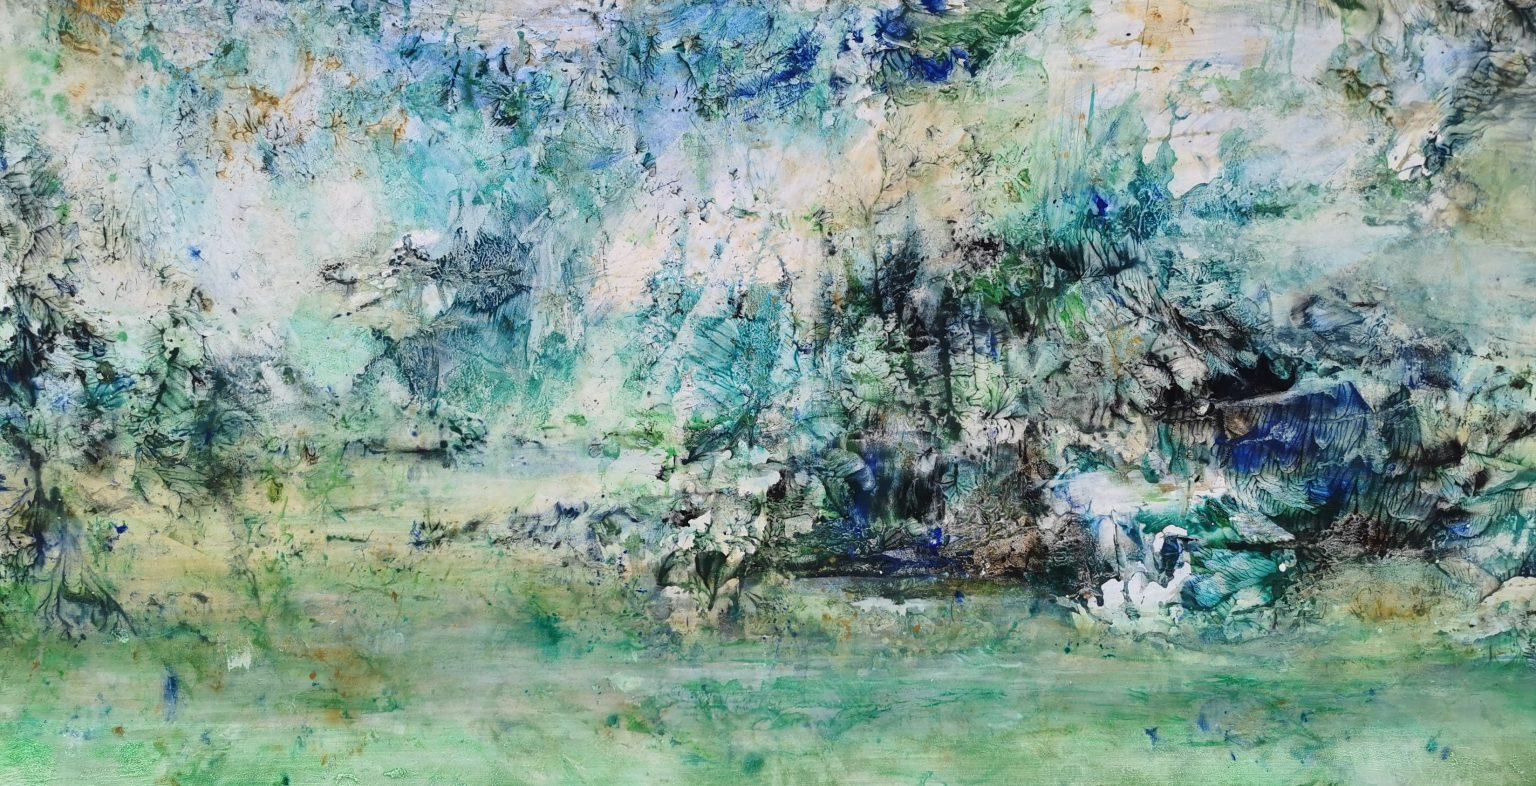 Ile idyllique, tempera sur papier marouflé sur toile, 150x75cm, Yu Zhao, 2020